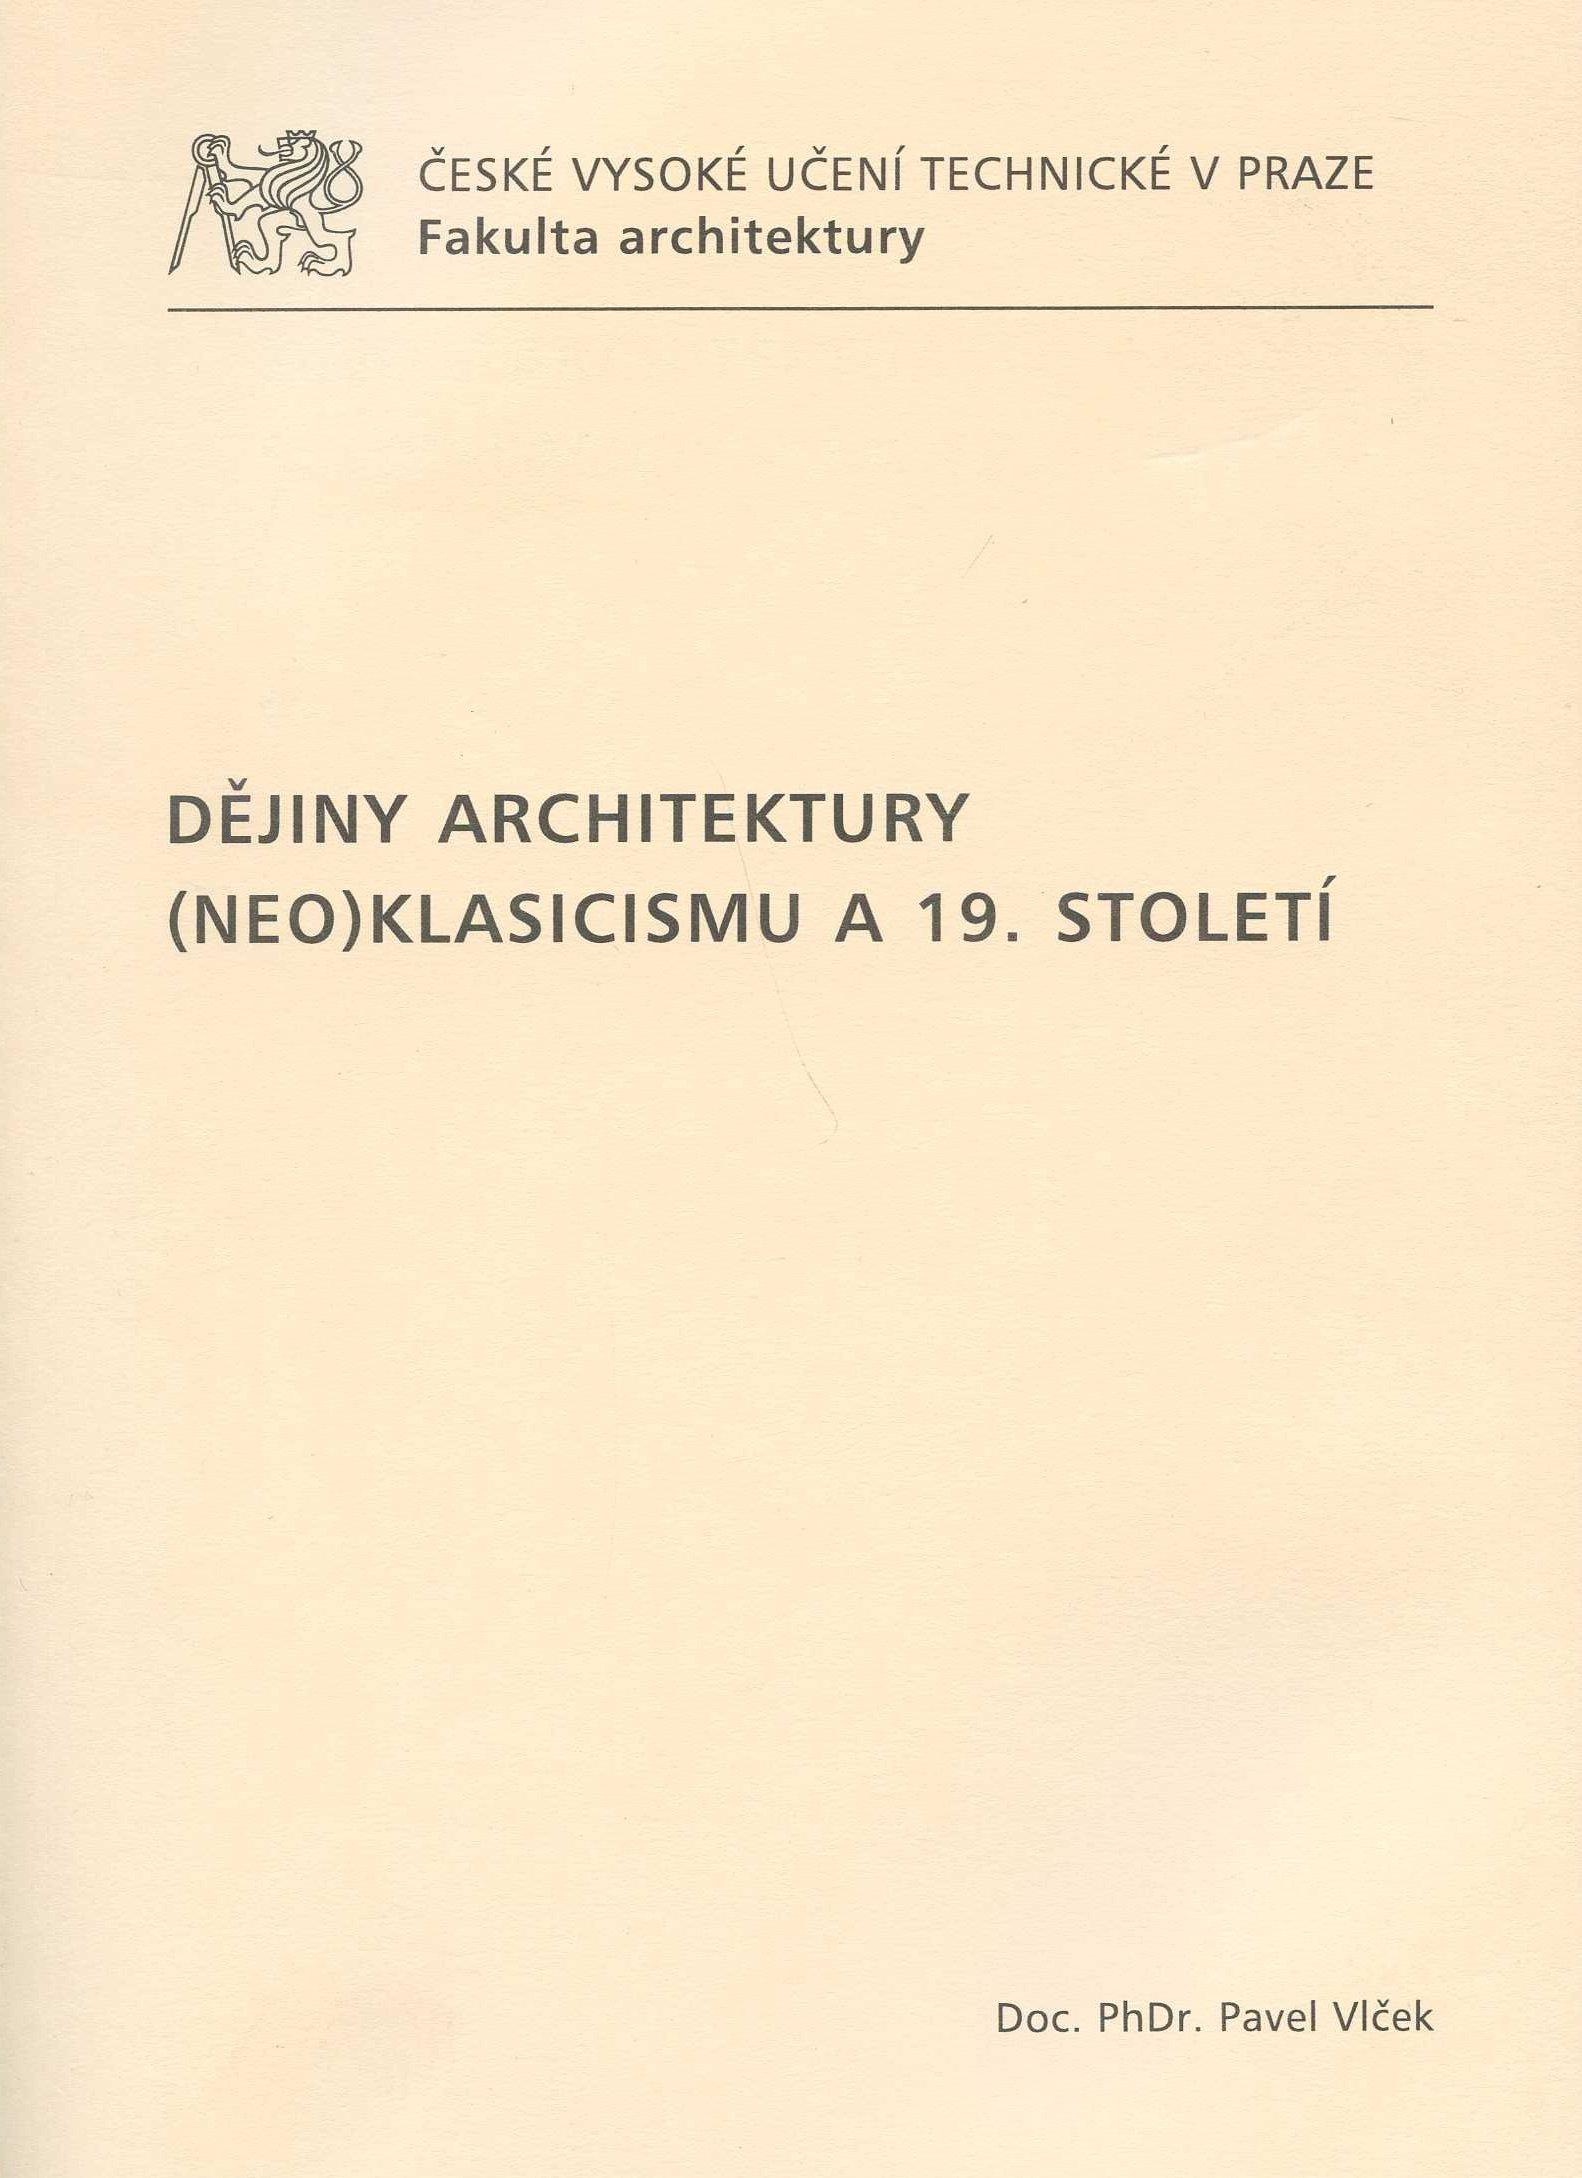 Dějiny architektury (neo)klasicizmu a 19. století